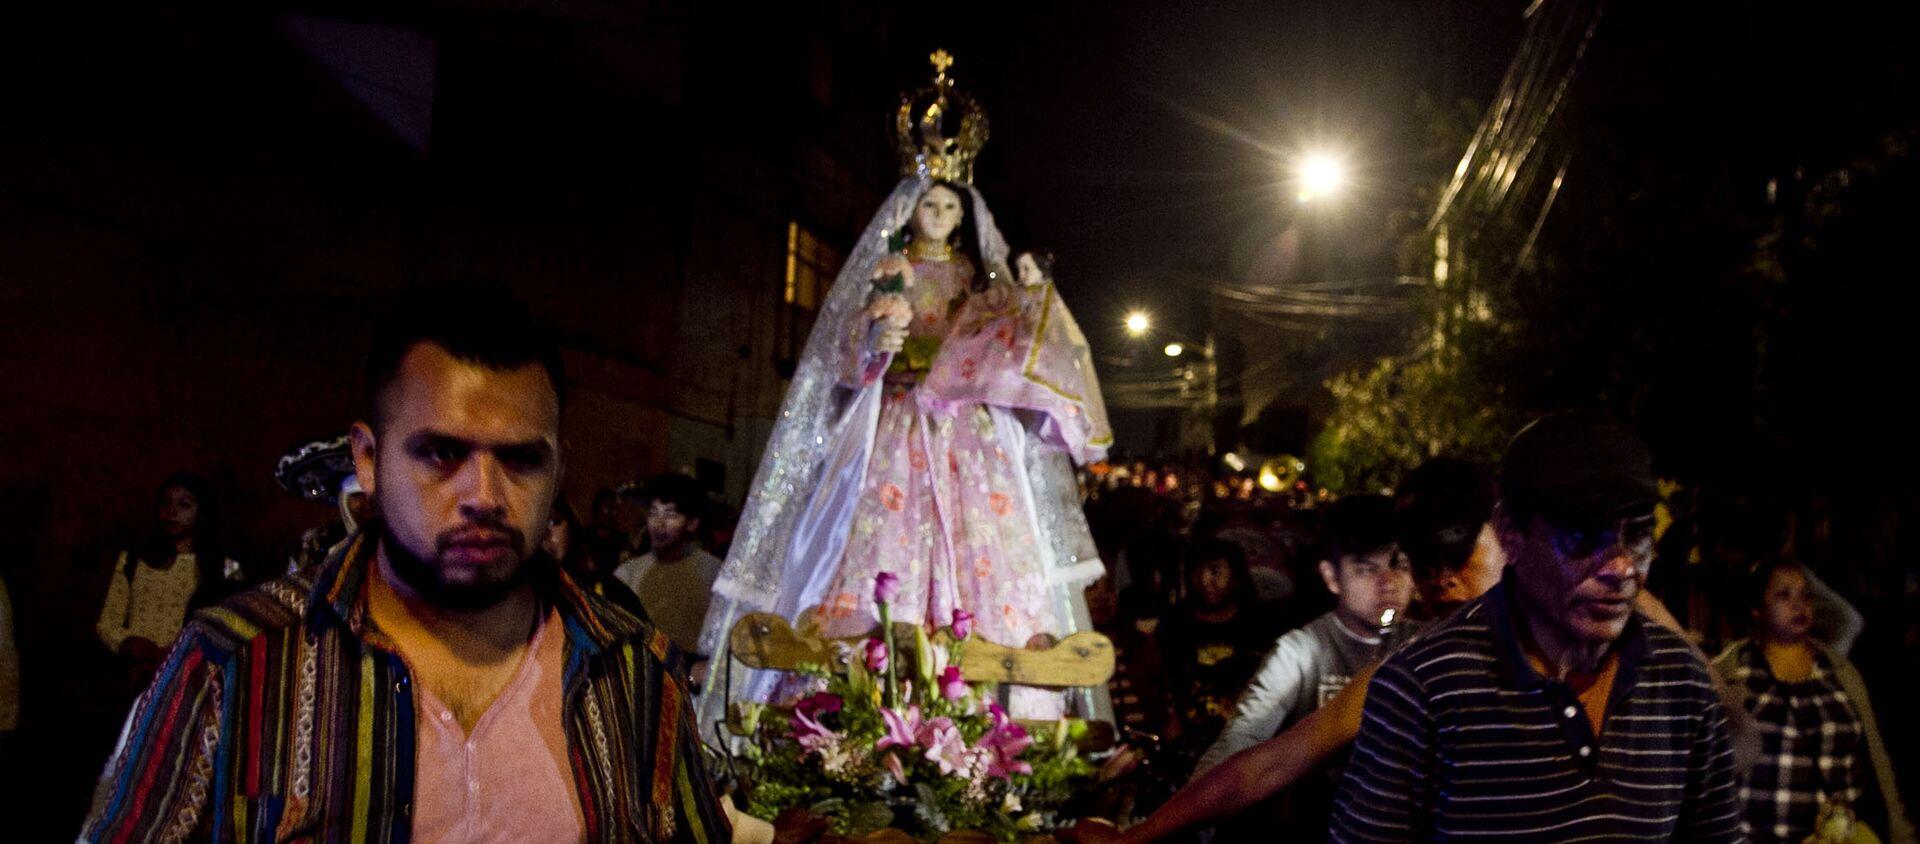 Una de las procesiones en el pueblo de la Candelaria, en Ciudad de México, el día de su santa patrona. - Sputnik Mundo, 1920, 04.02.2019